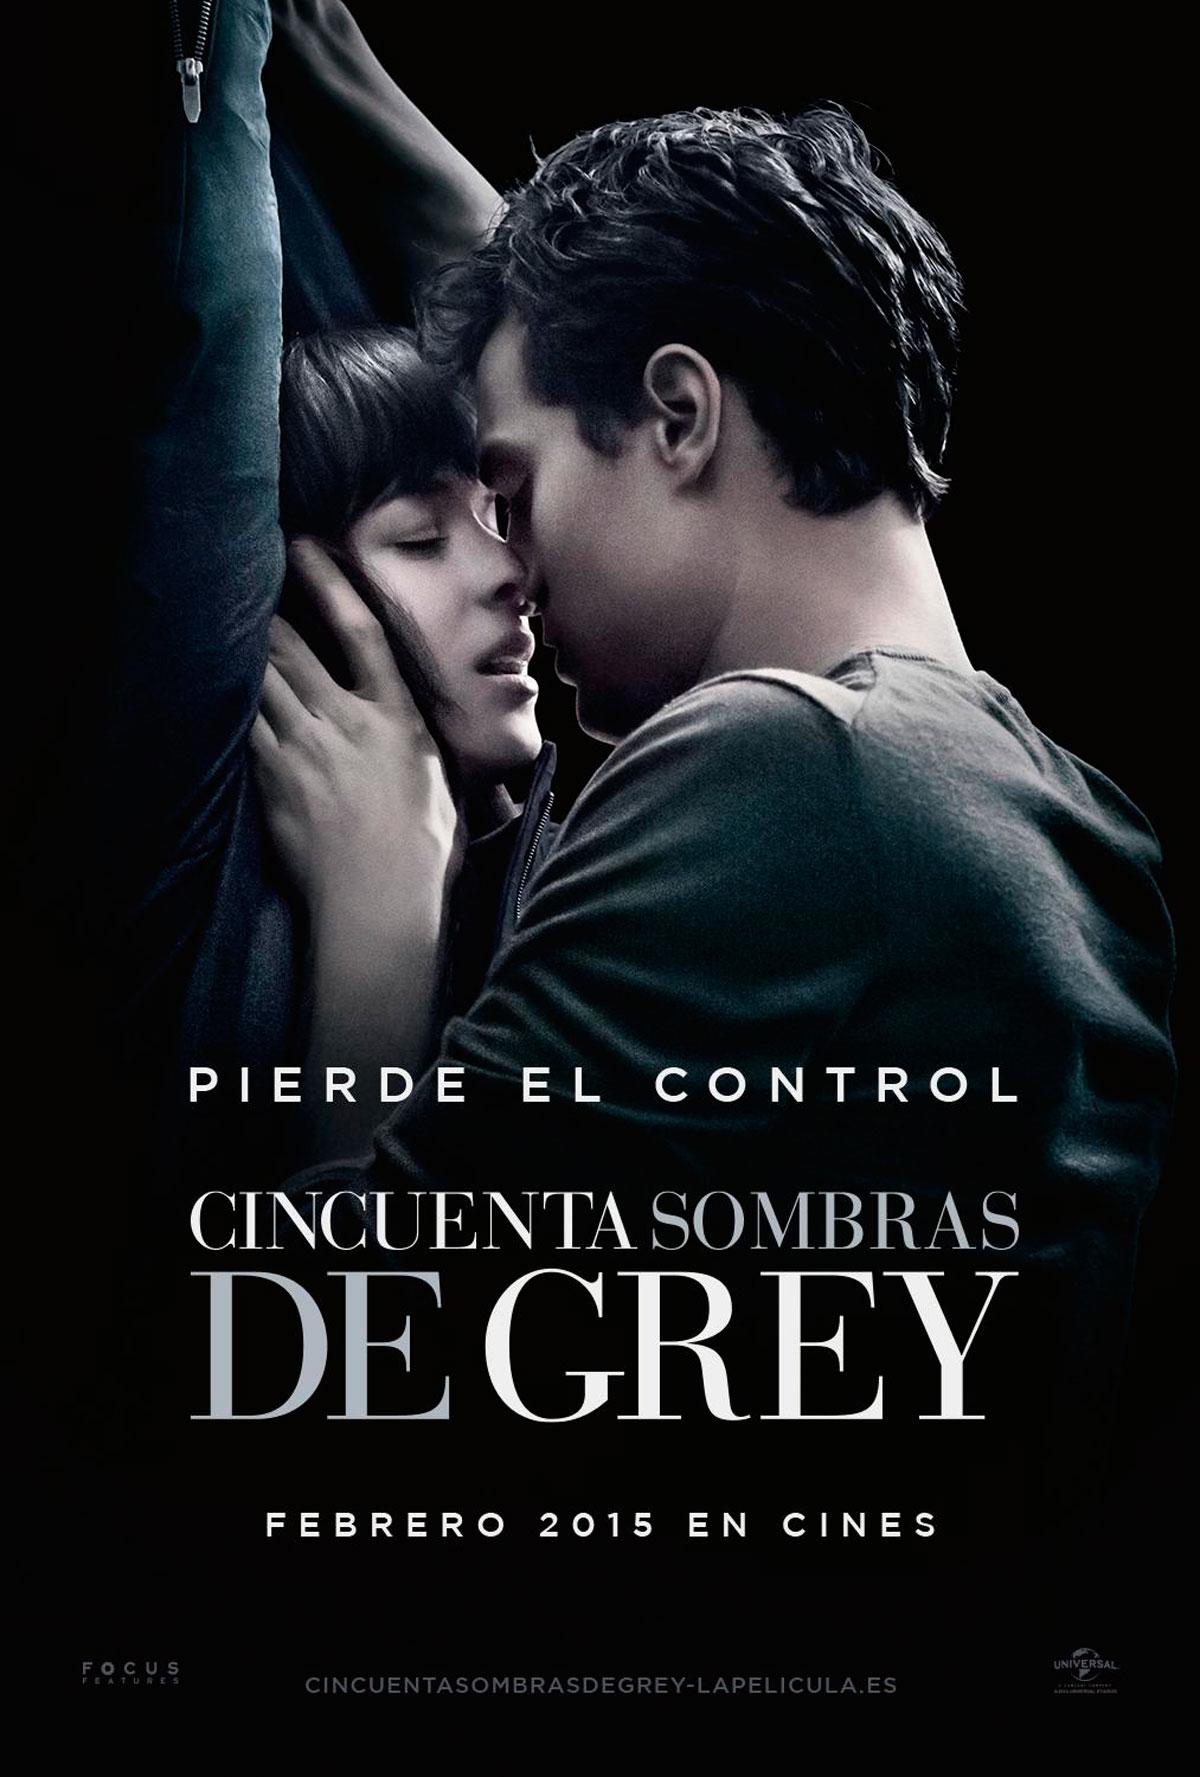 50 Sombras De Grey (2015) [Dvdrip] [Latino] [1 Link]